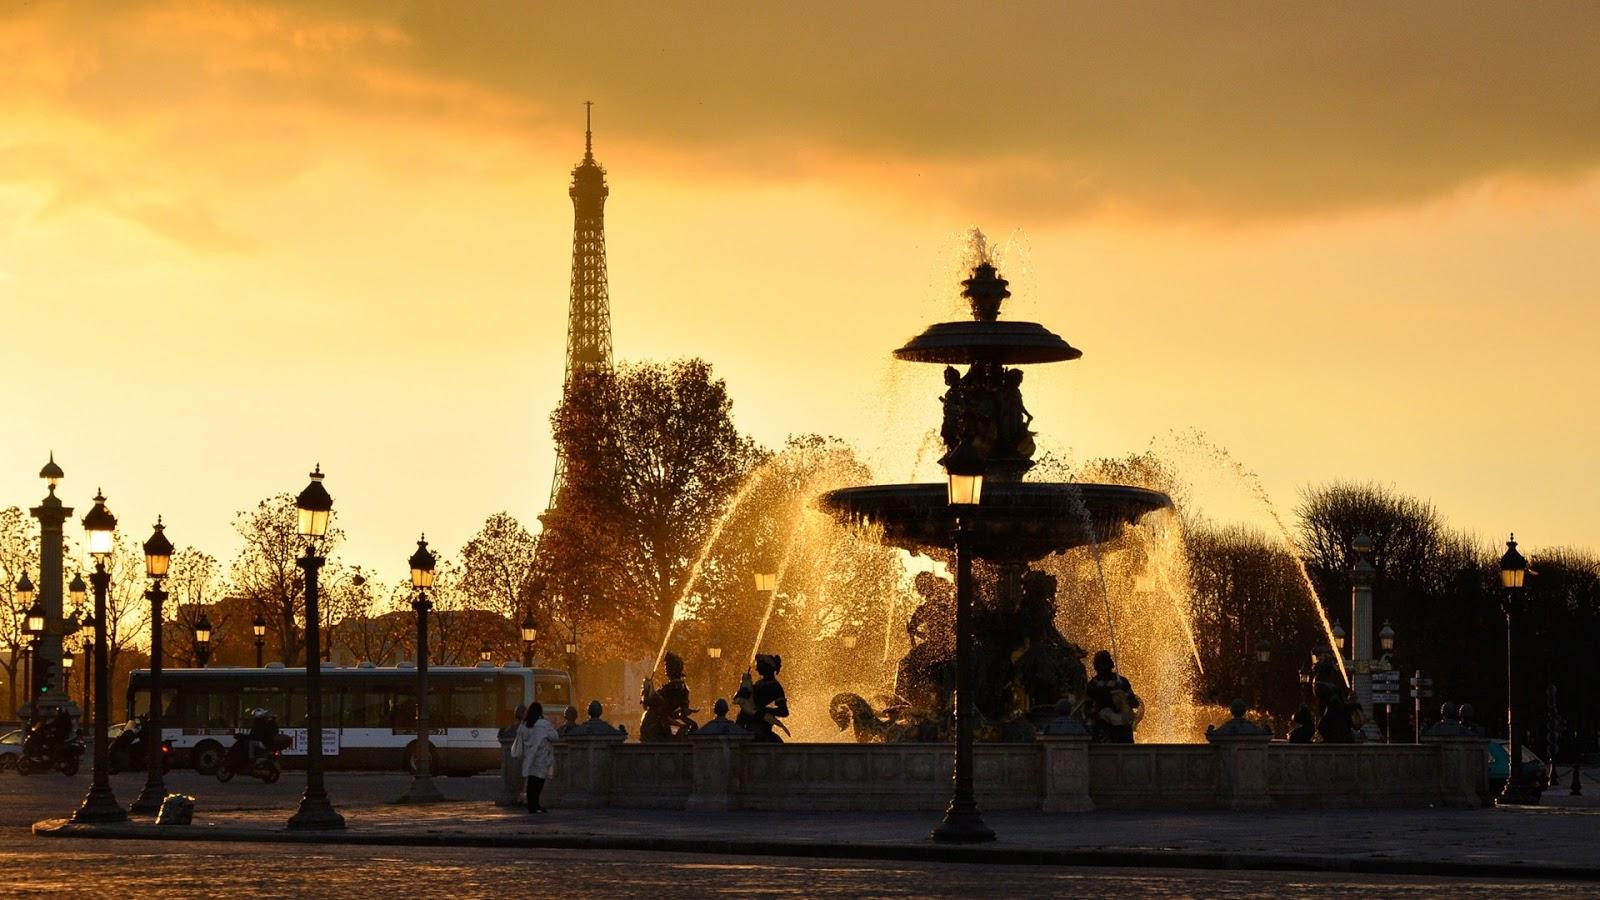 Wallpaper Love Paris Hd : HD Paris Wallpaper - WallpaperSafari